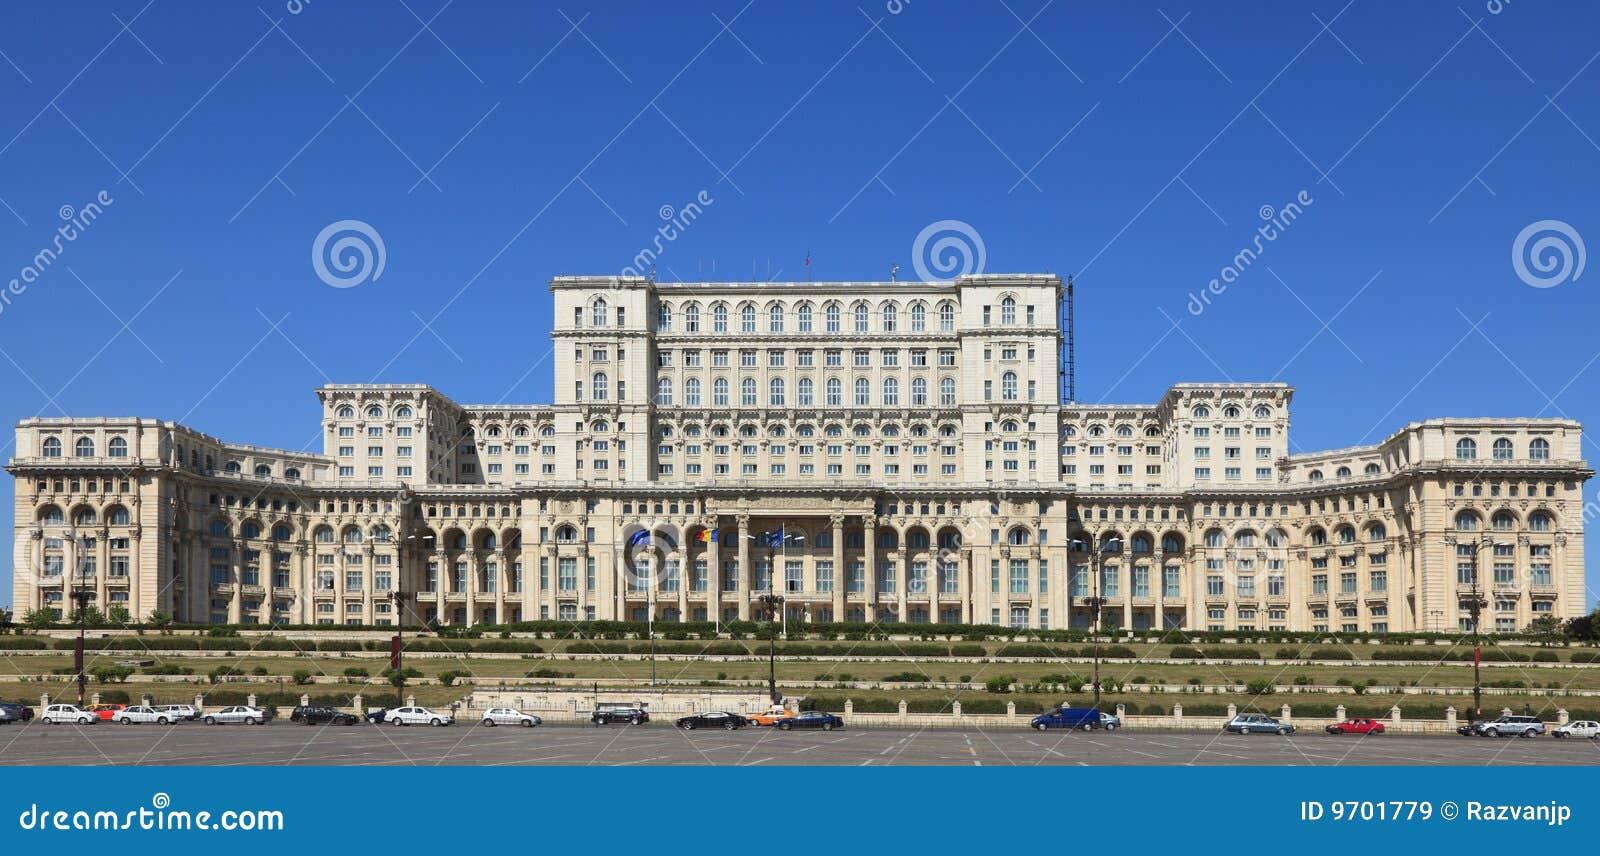 Il palazzo del parlamento bucarest romania immagine for Immagini del parlamento